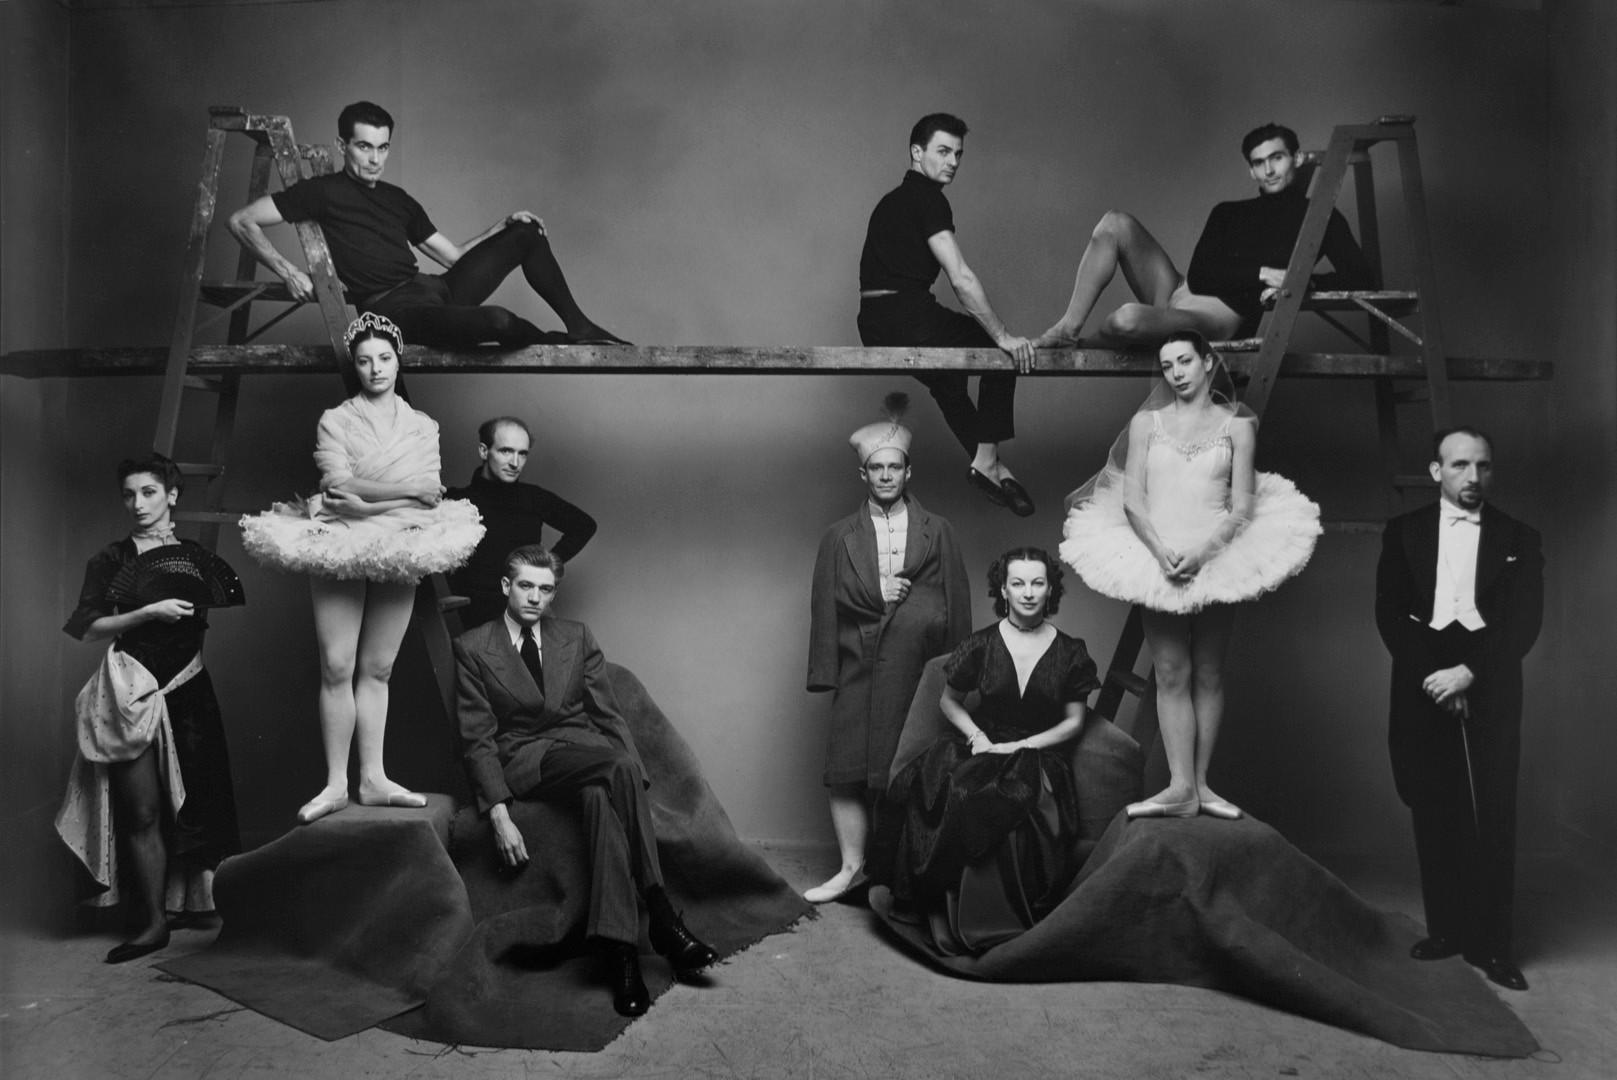 Irving Penn, Ballet Theatre, New York, 1947